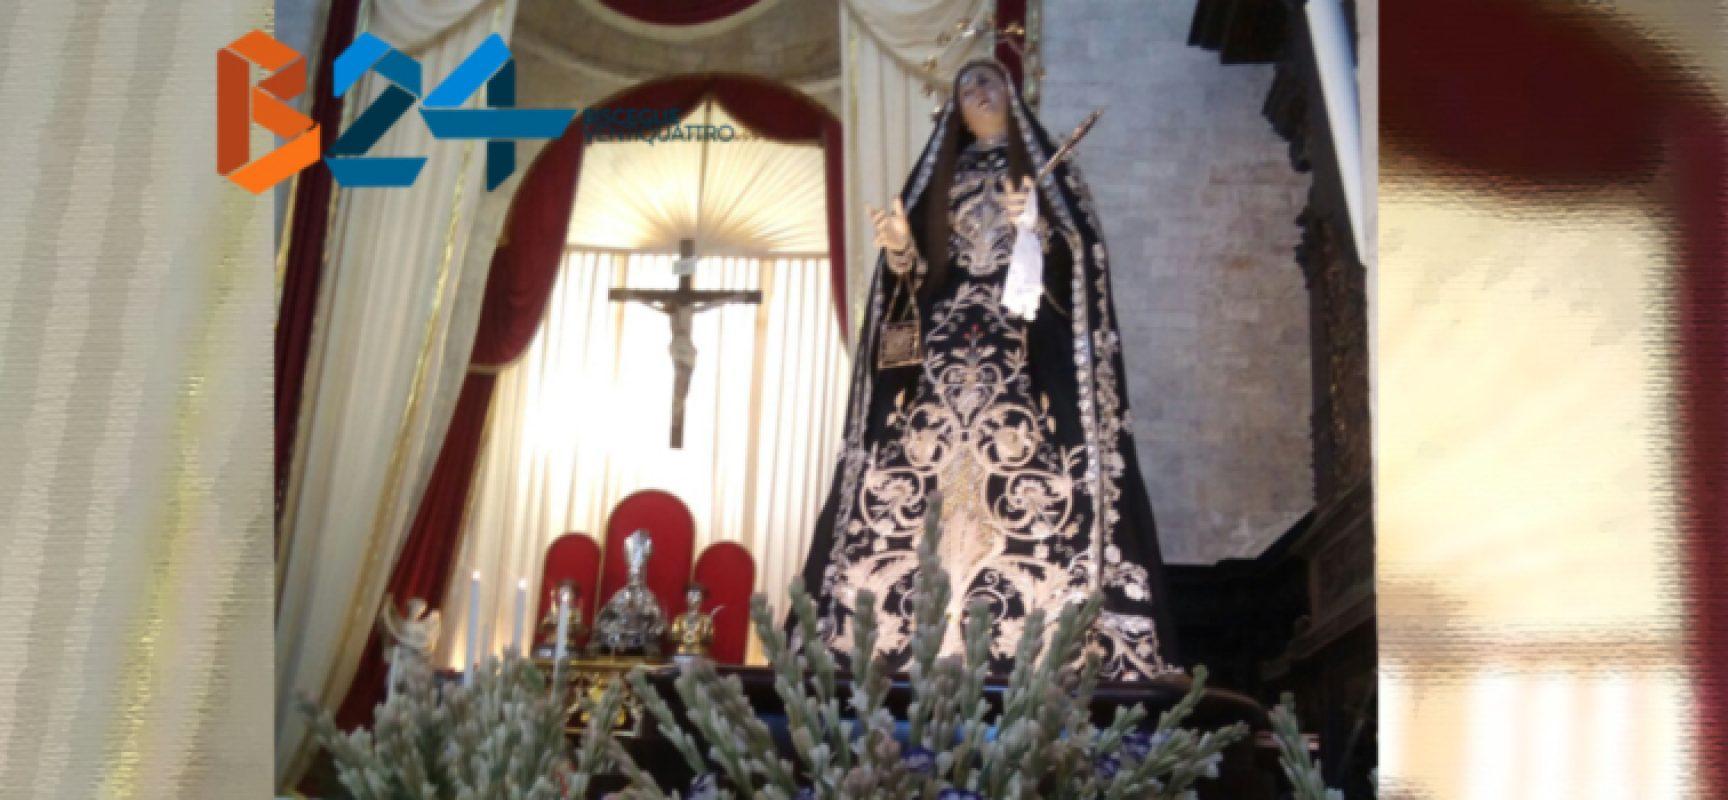 Festa Madonna Addolorata, al via le celebrazioni in onore della co-patrona di Bisceglie